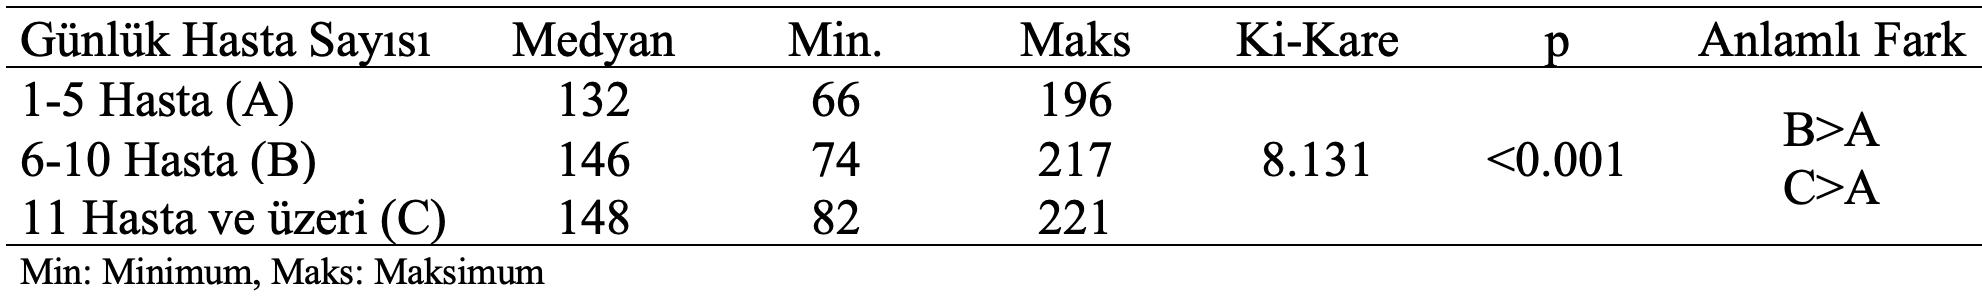 hemşirelik aktivite ölçeği günlük hasta bakım sayısı